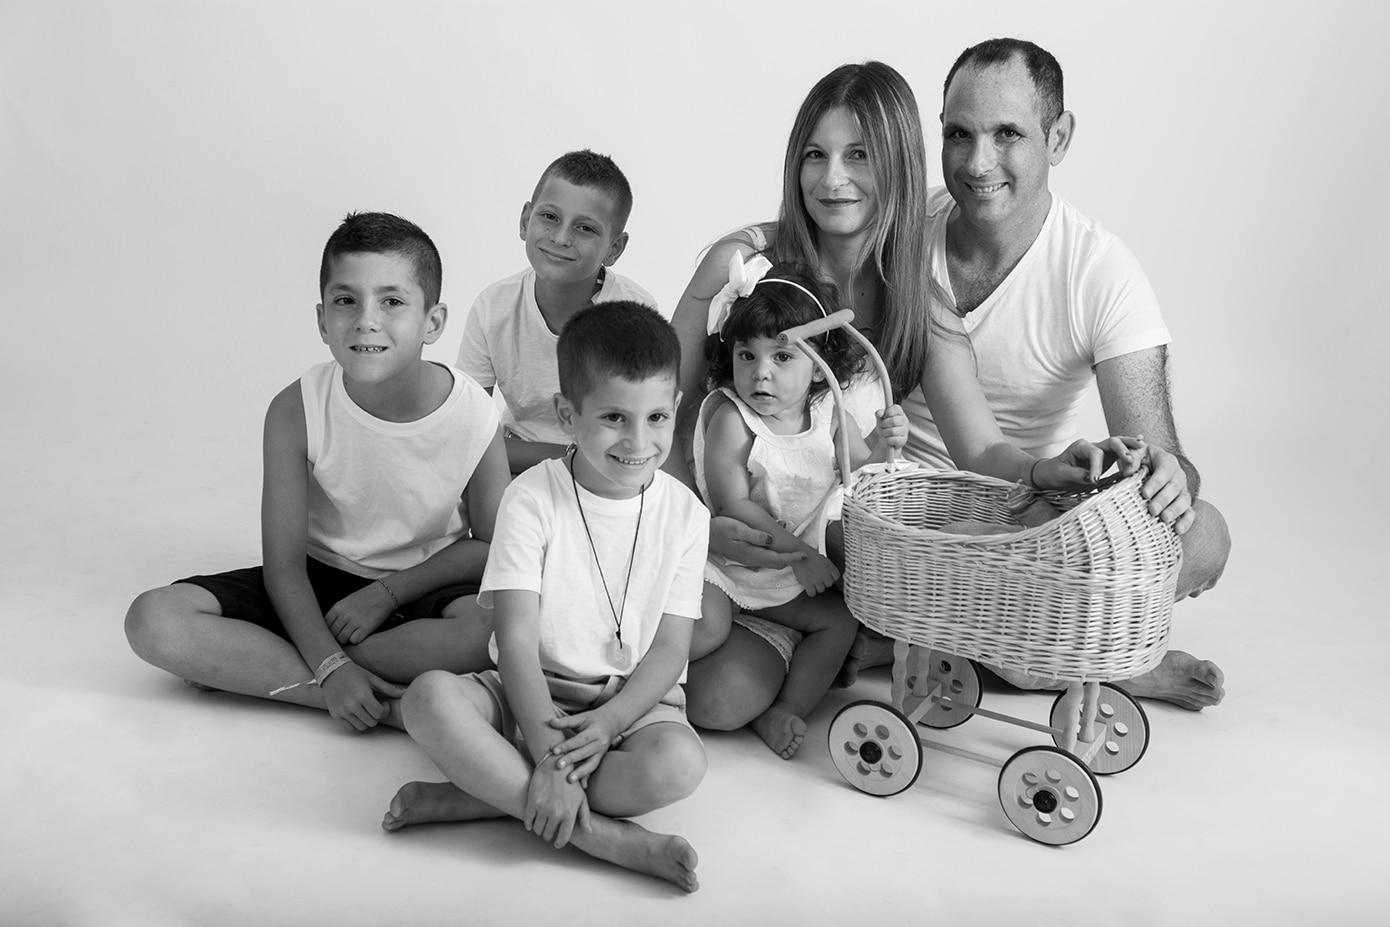 משפחת מוסרי צילומי משפחה (3)